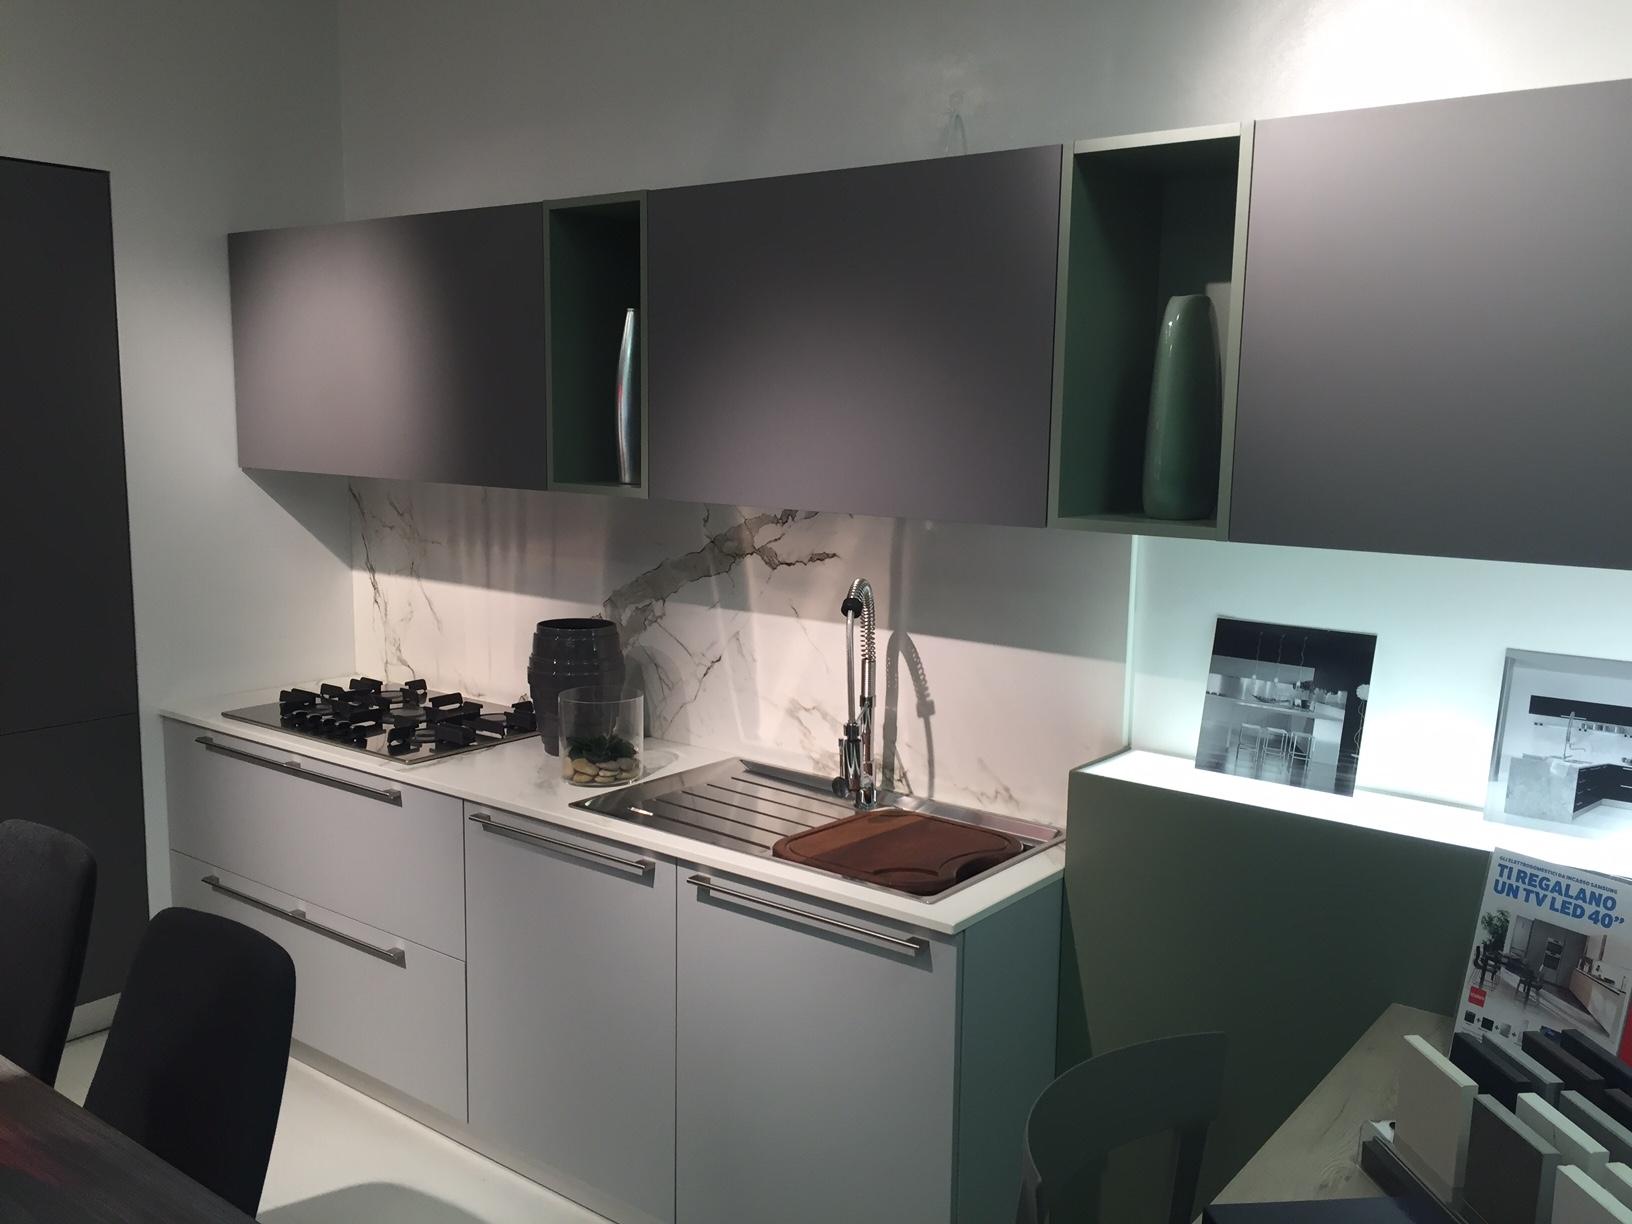 Cucina doimo cucine cromatika laminato opaco cucine a - Laminato in cucina ...